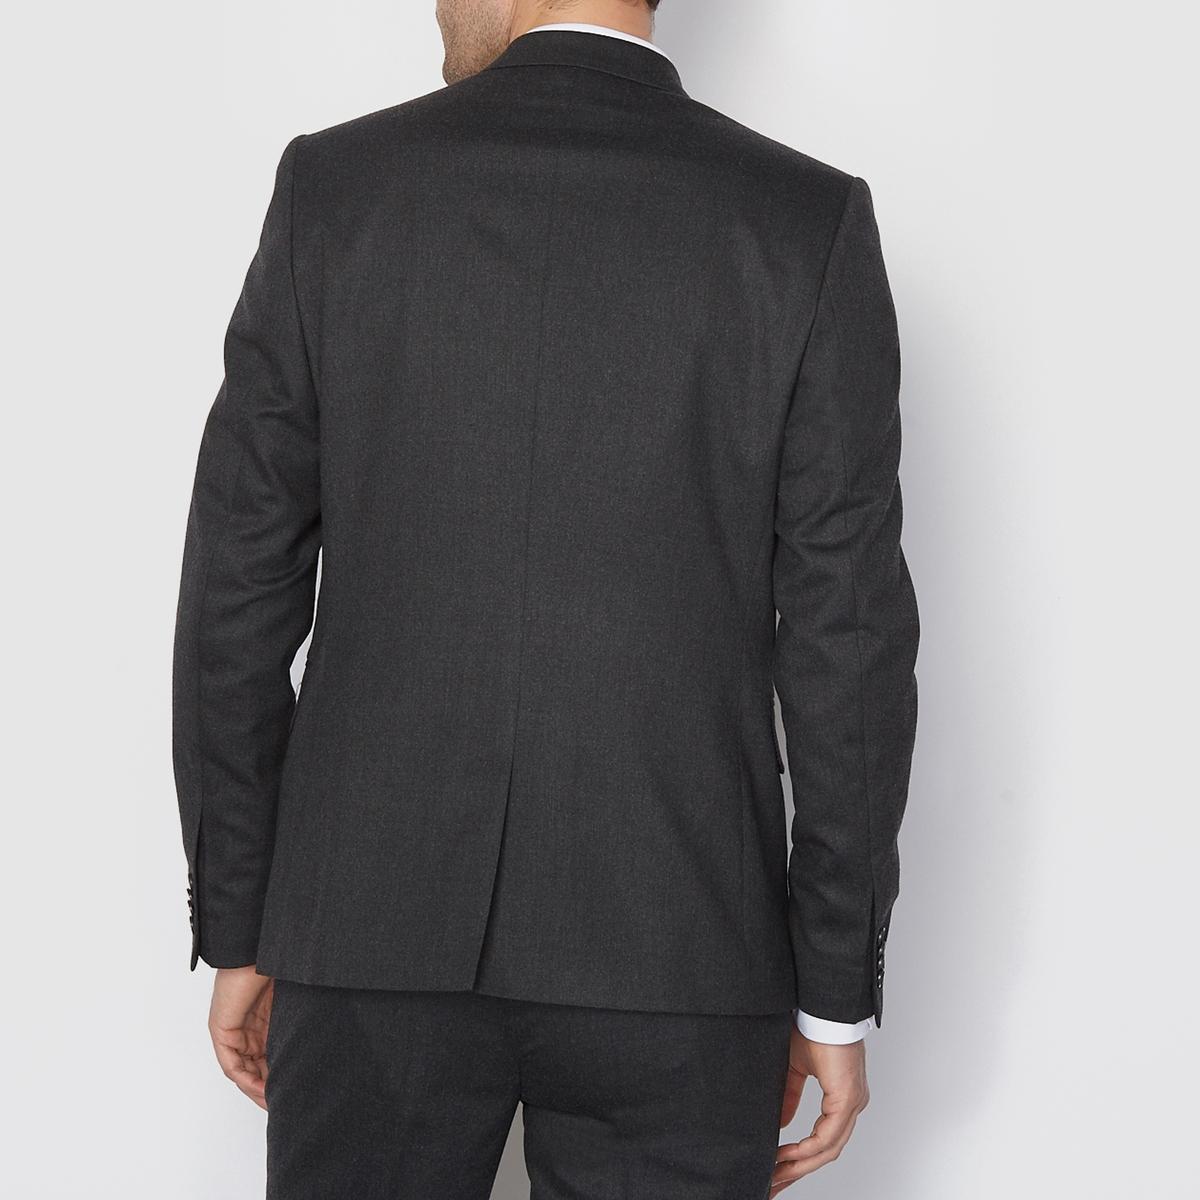 Костюмный пиджак прямого покрояПиджак костюмный. Прямой покрой. 2 кармана спереди. 2 внутренних кармана. Подкладка из полиэстера. Шлица сзади спинки .                                                                   Состав и описание :                                                      Материал : 60% полиэстера, 22% шерсти, 16% вискозы, 2% эластана Длина : 73 см .                                                      Марка : R essentiel.                                                                                                                   Уход :                                                    Сухая чистка.<br><br>Цвет: антрацит,темно-синий<br>Размер: 54.44.56.48